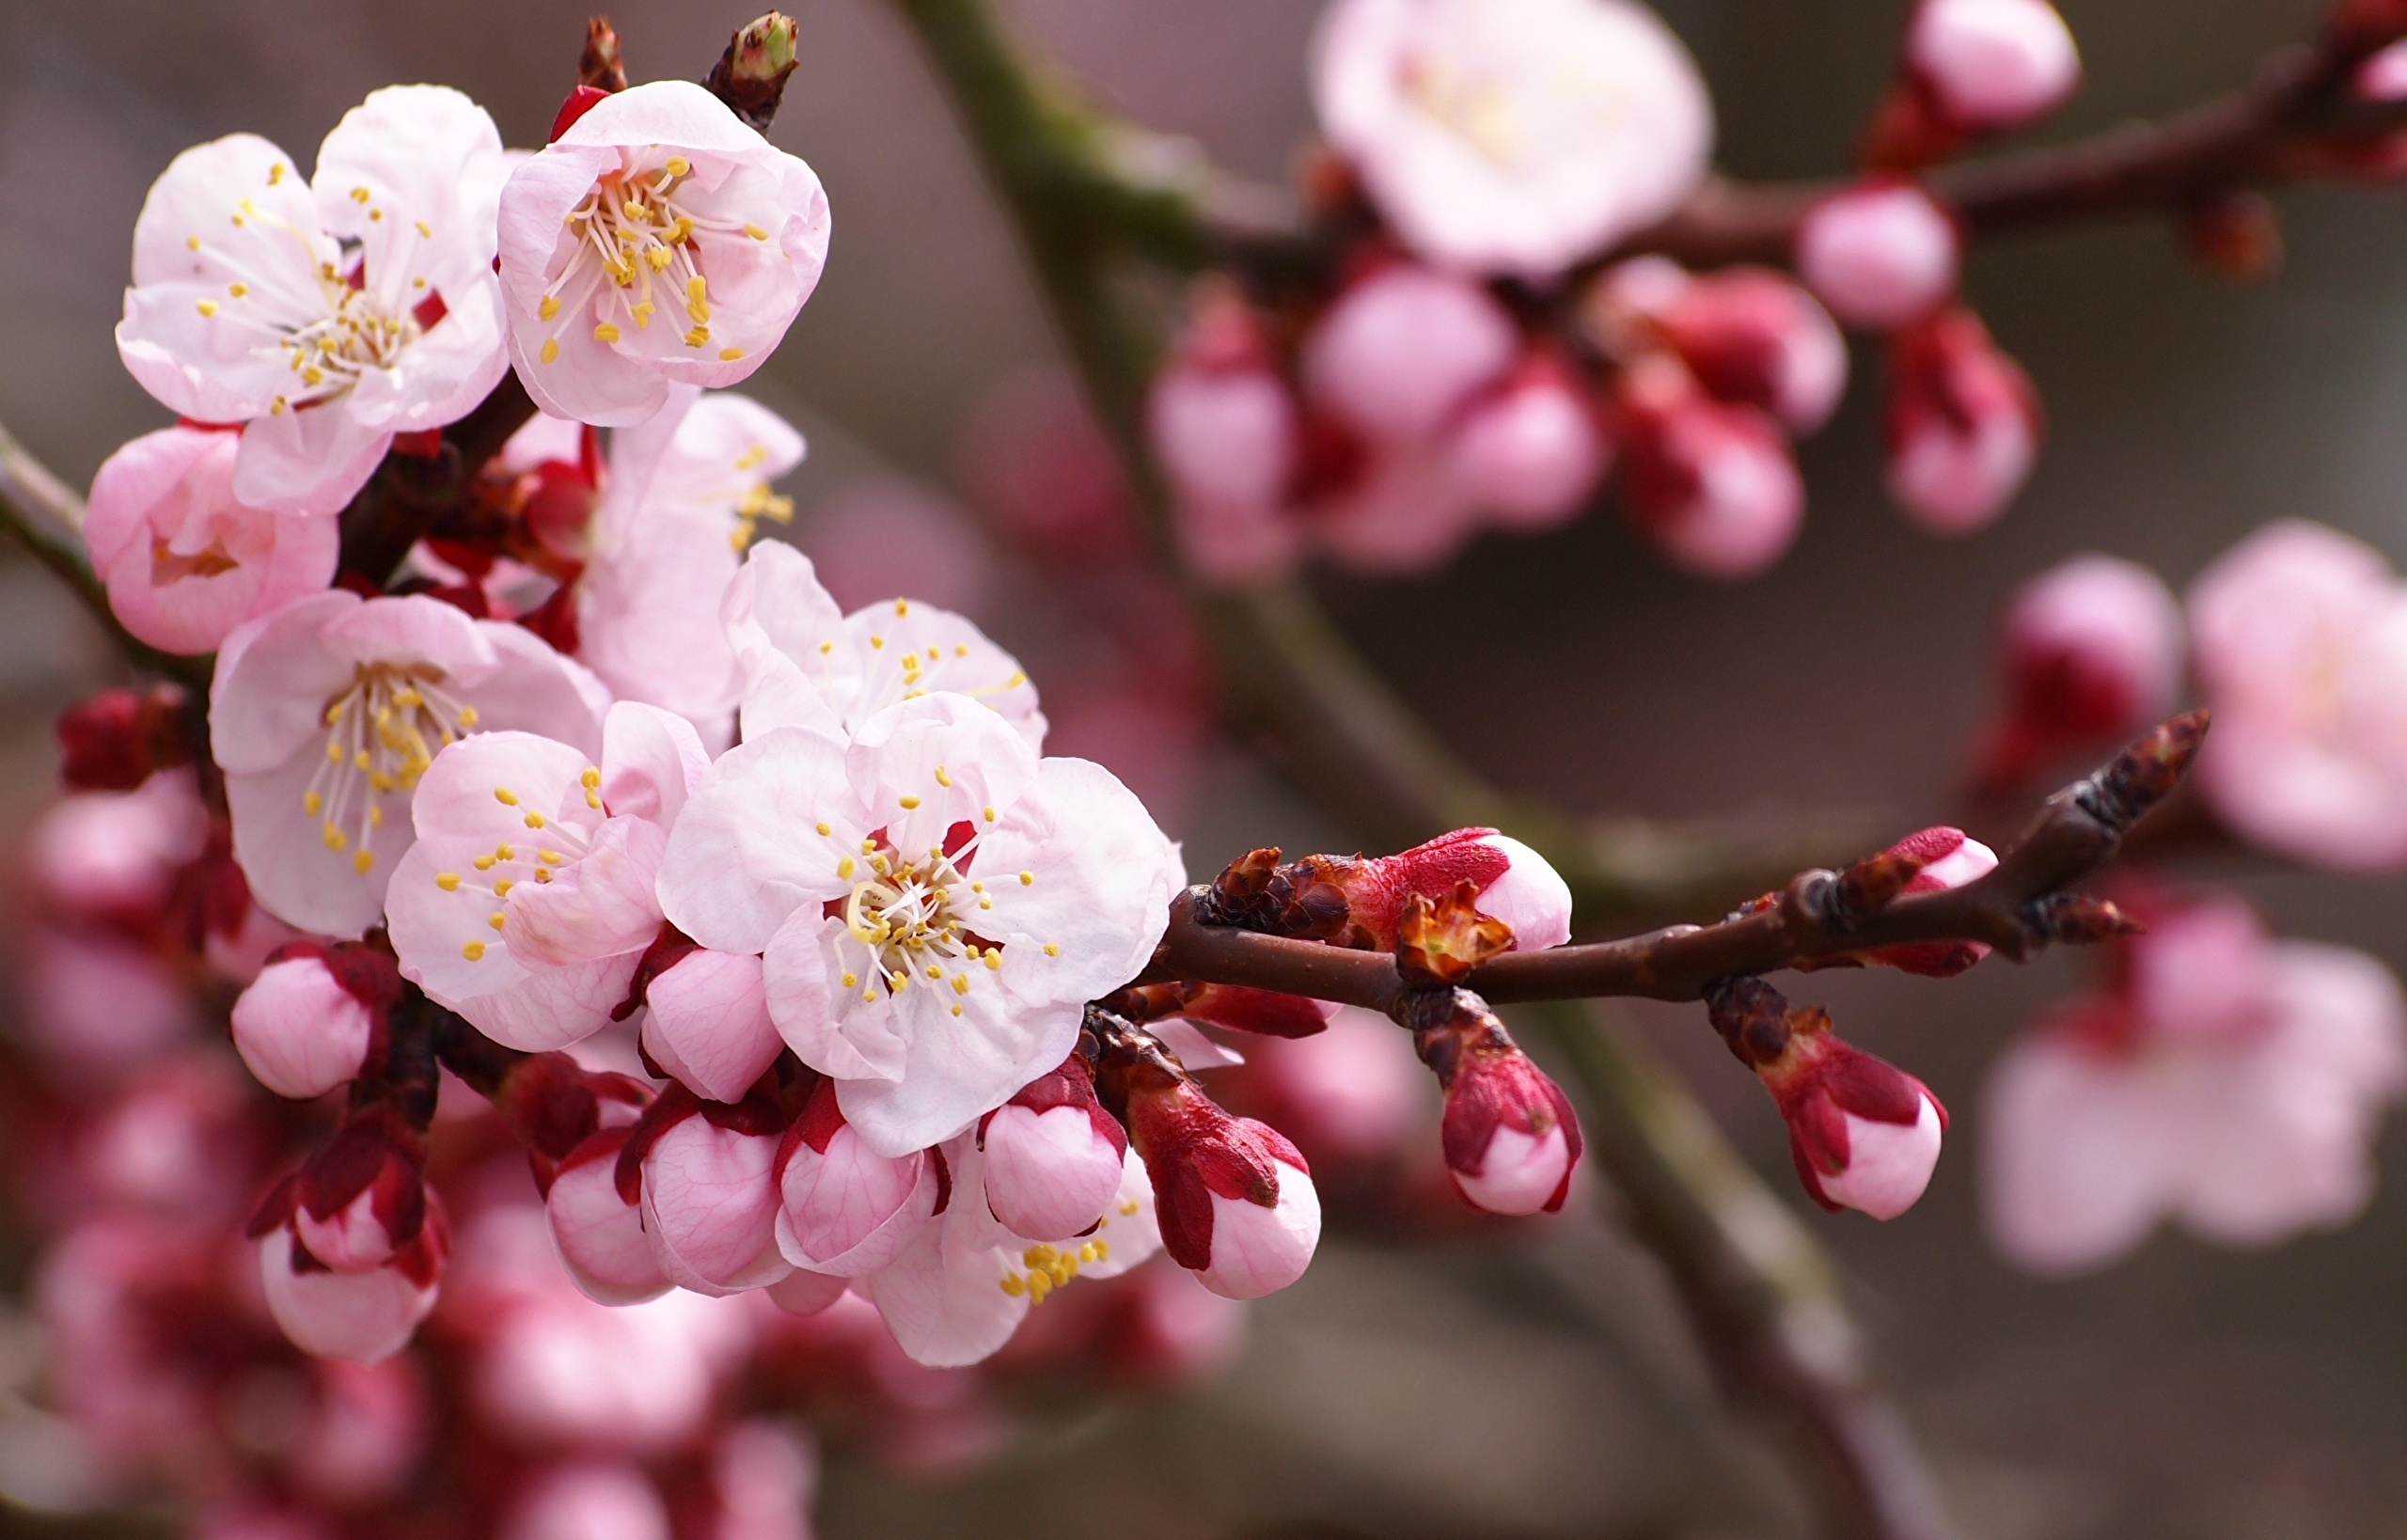 красивые широкоформатные обои на рабочий стол высокого качества цветы № 230380  скачать